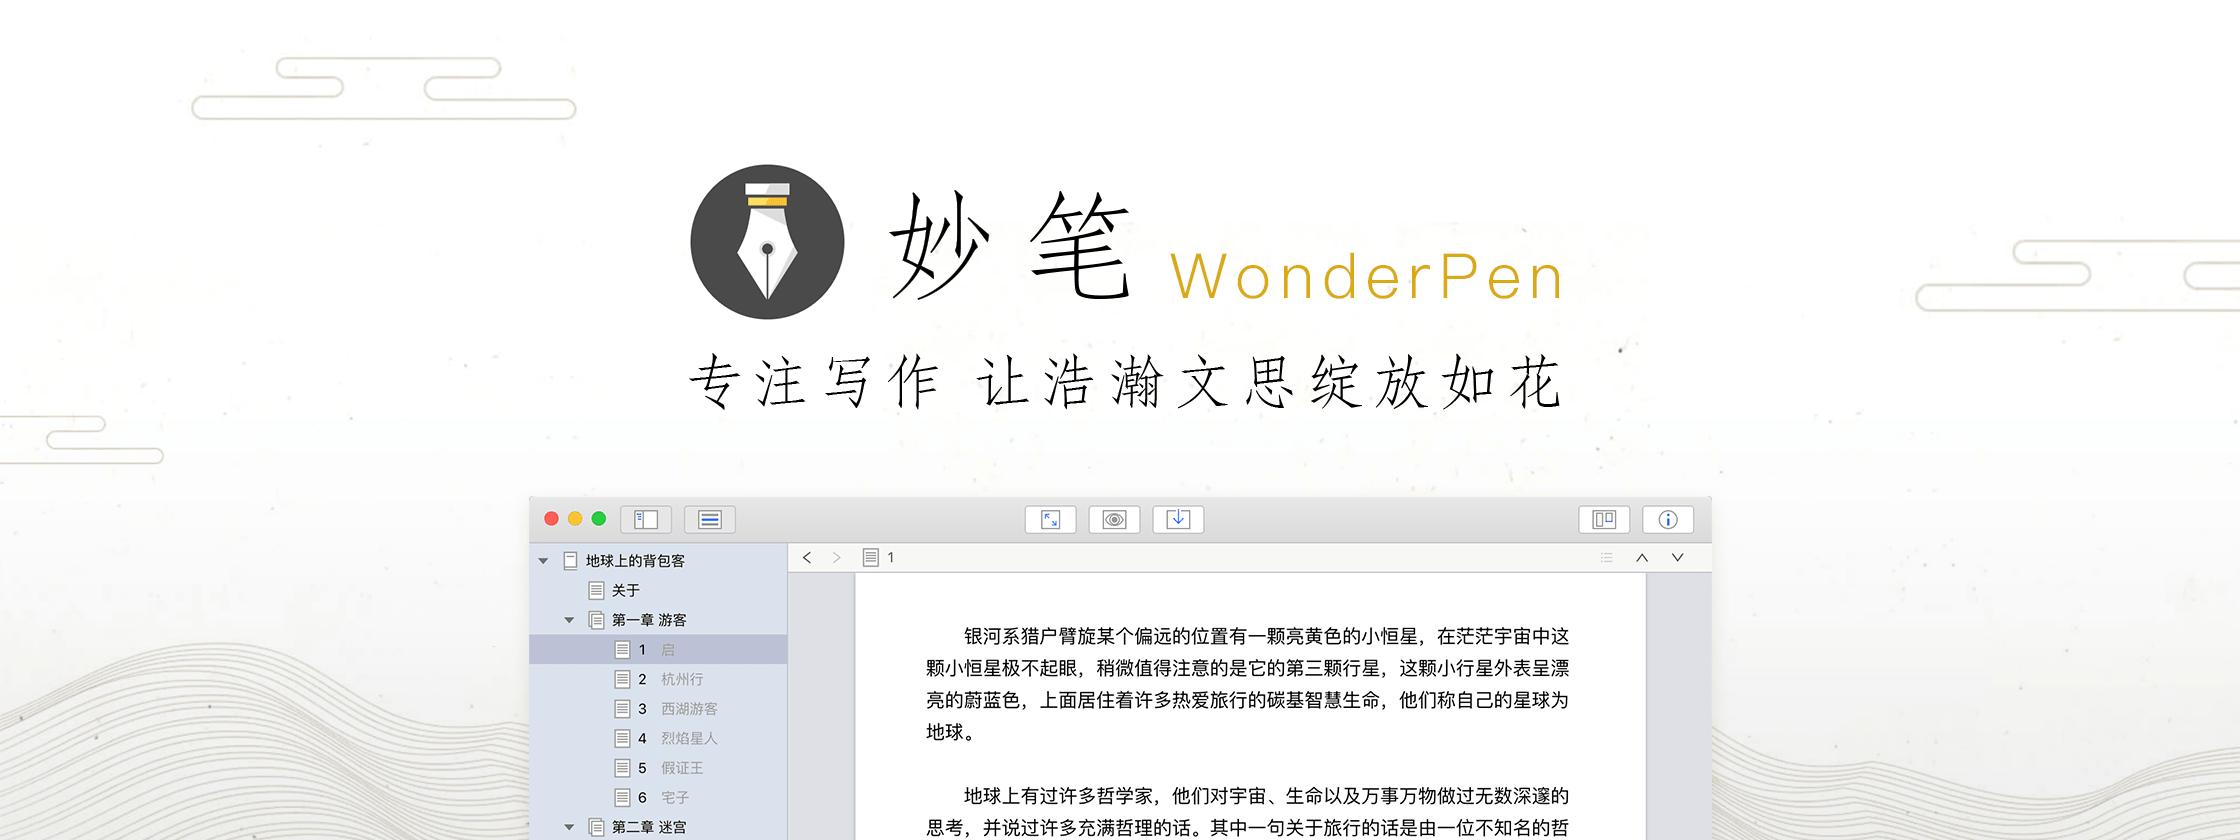 妙笔: 专业写作软件,让浩瀚文思绽放如花